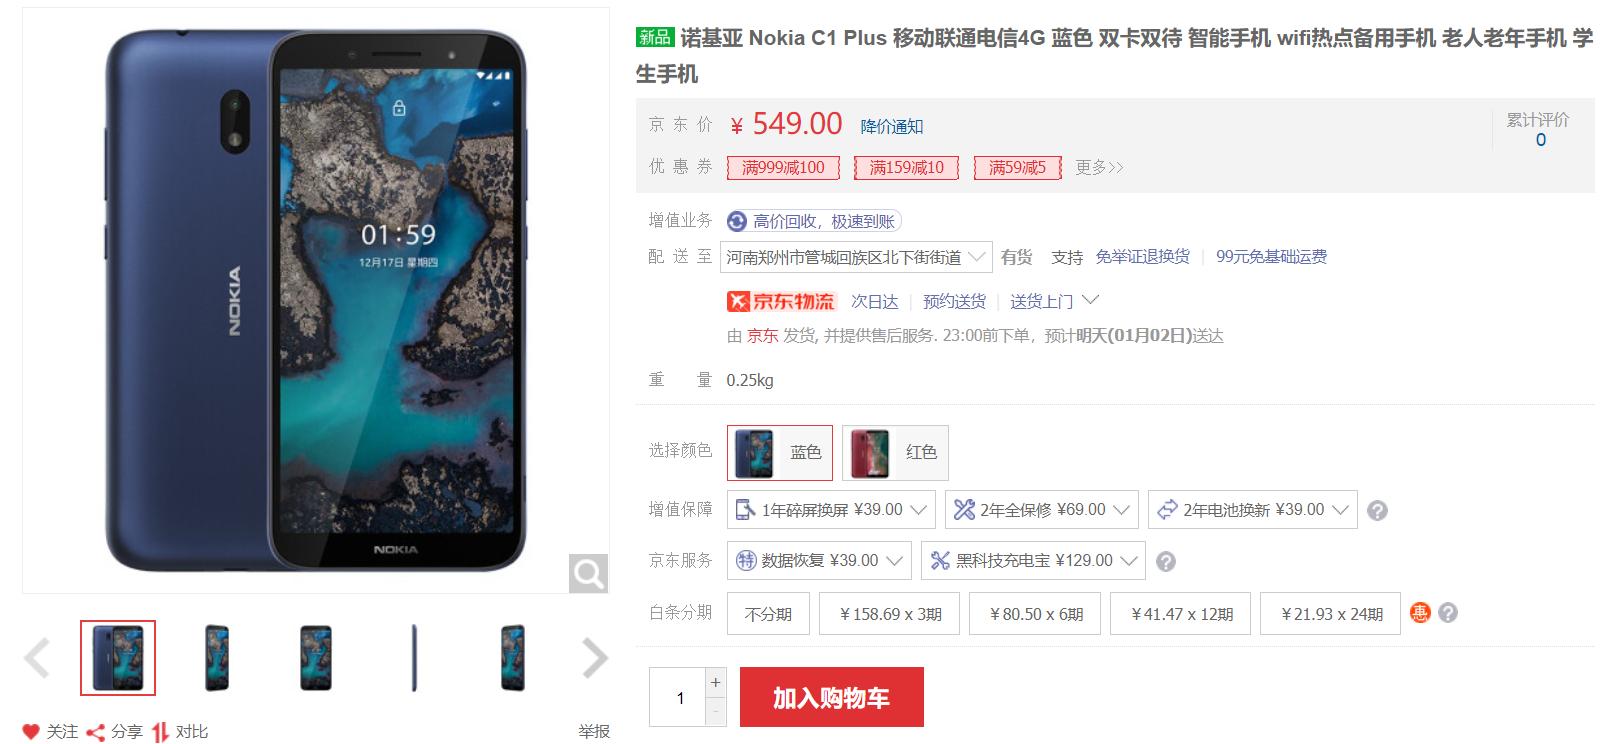 诺基亚国行C1 Plus开售:499元、支持健康码一键直达